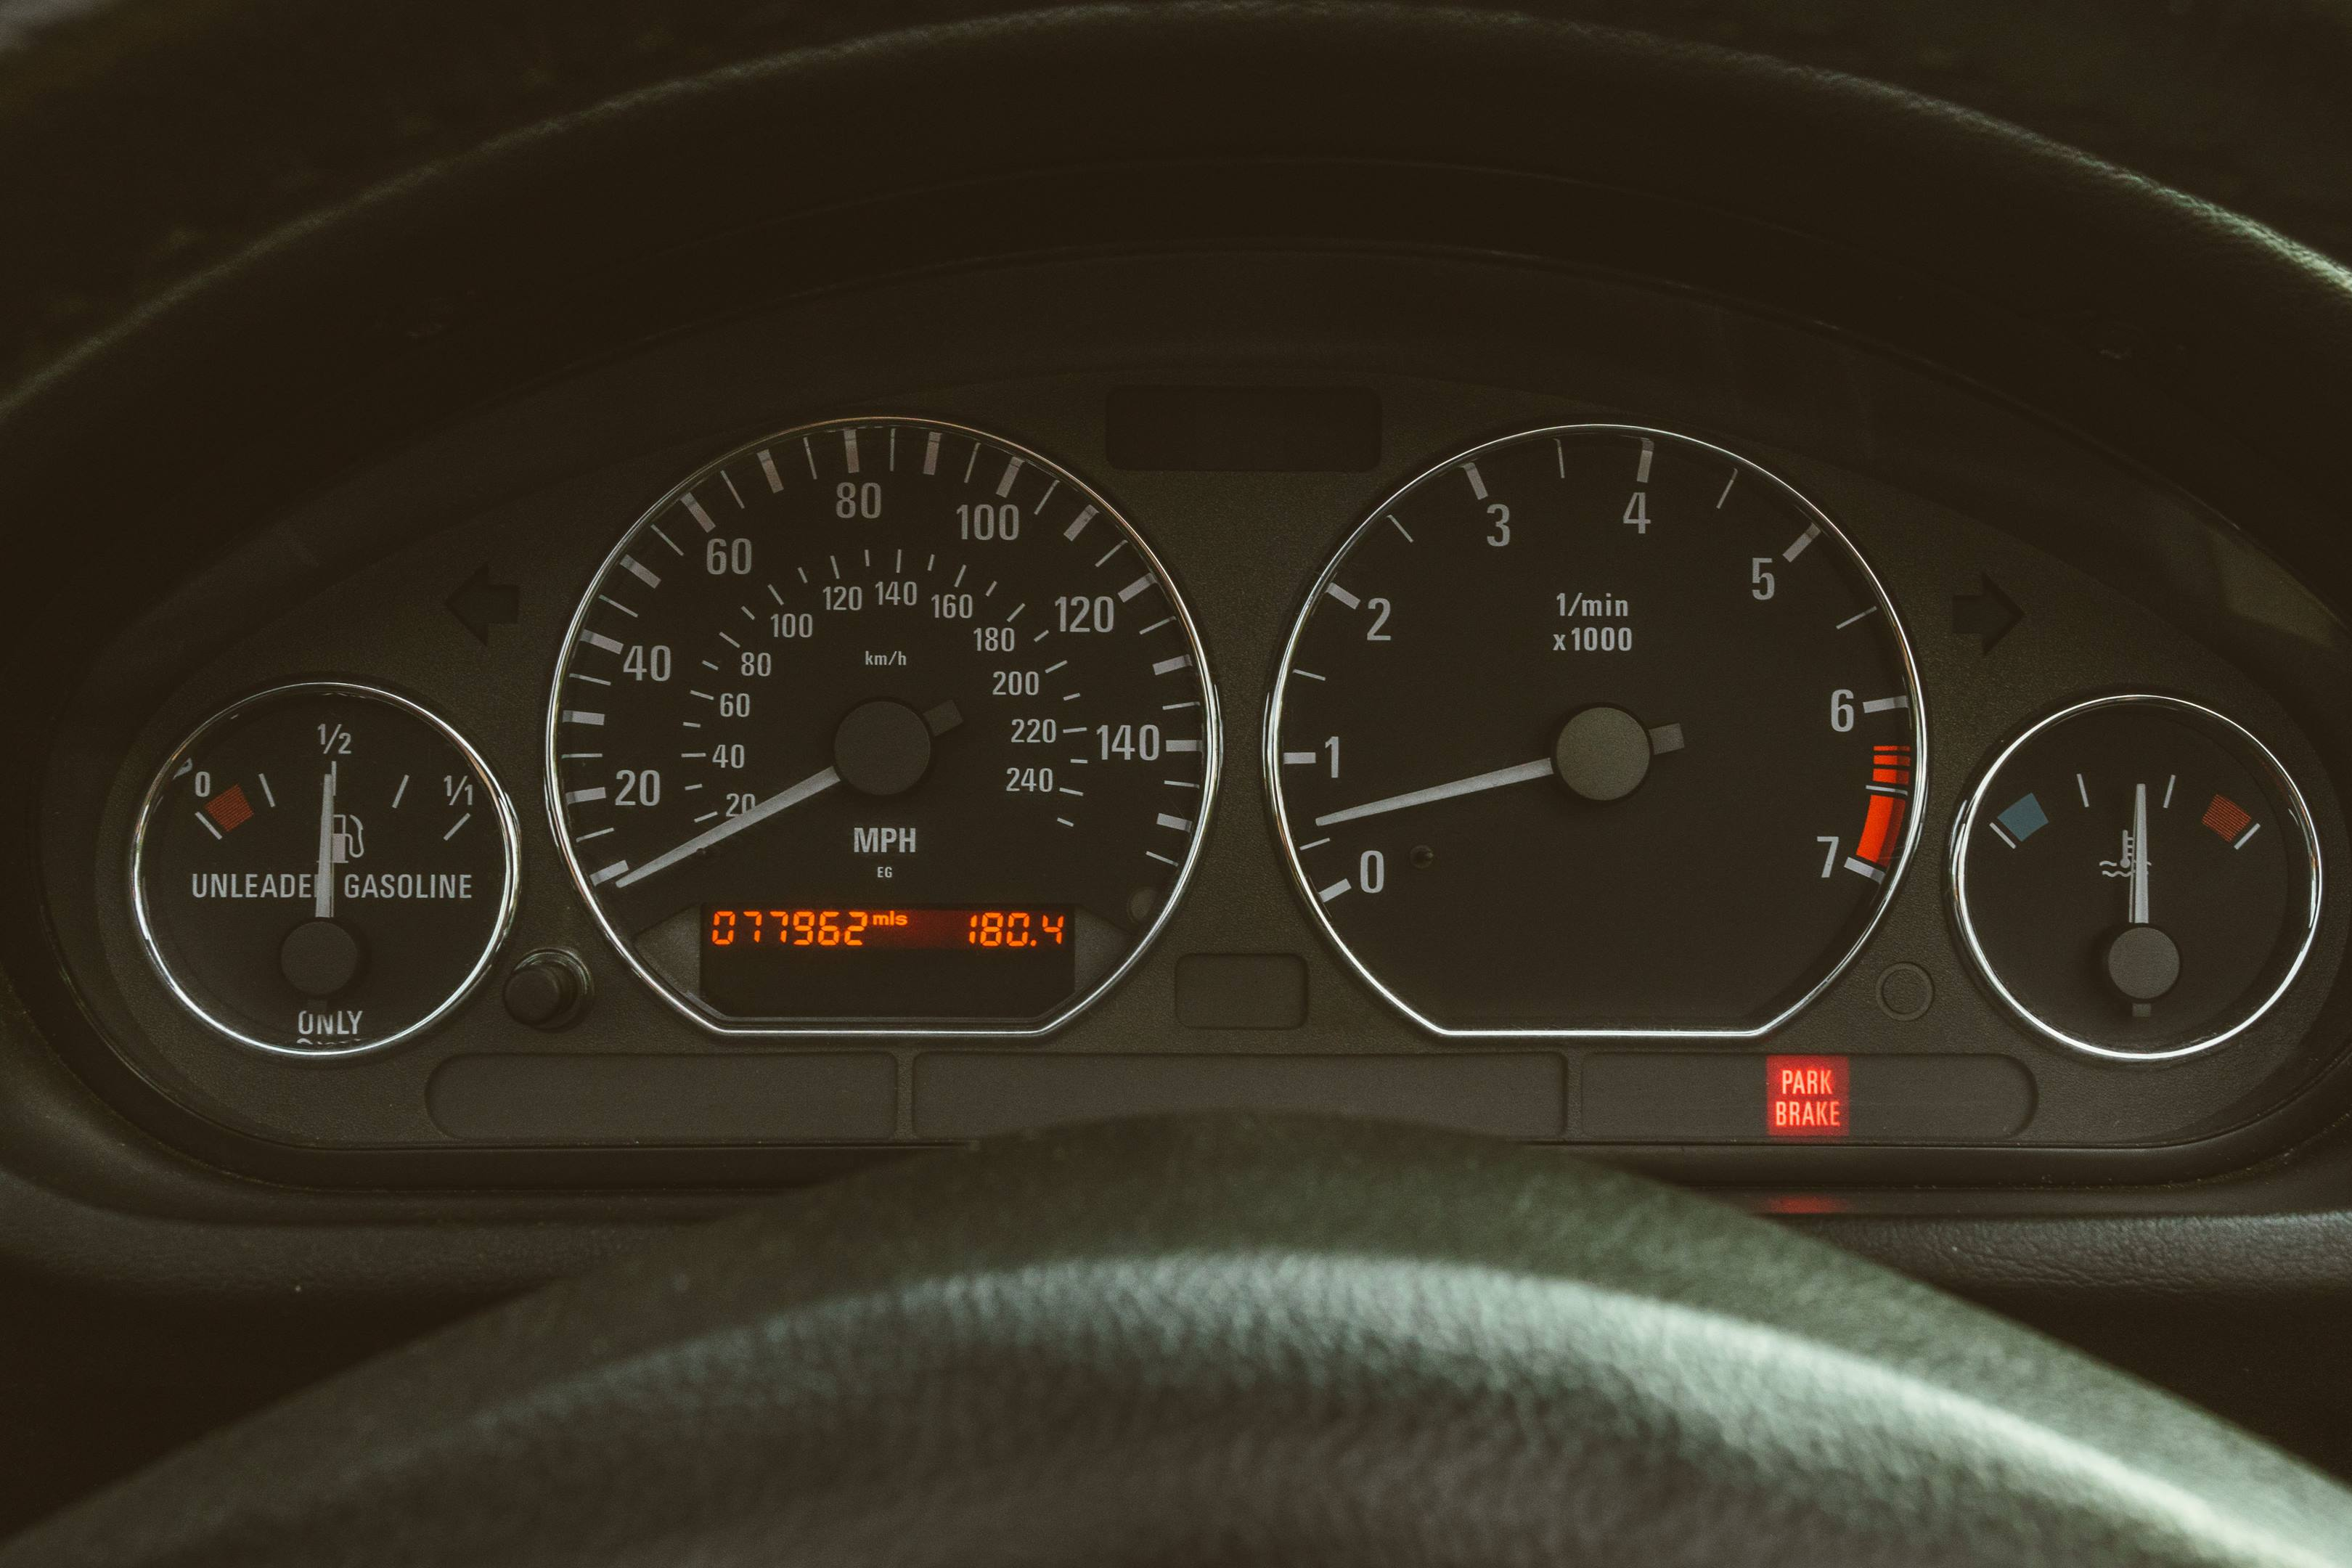 2001 BMW Z3 2.5i gauges